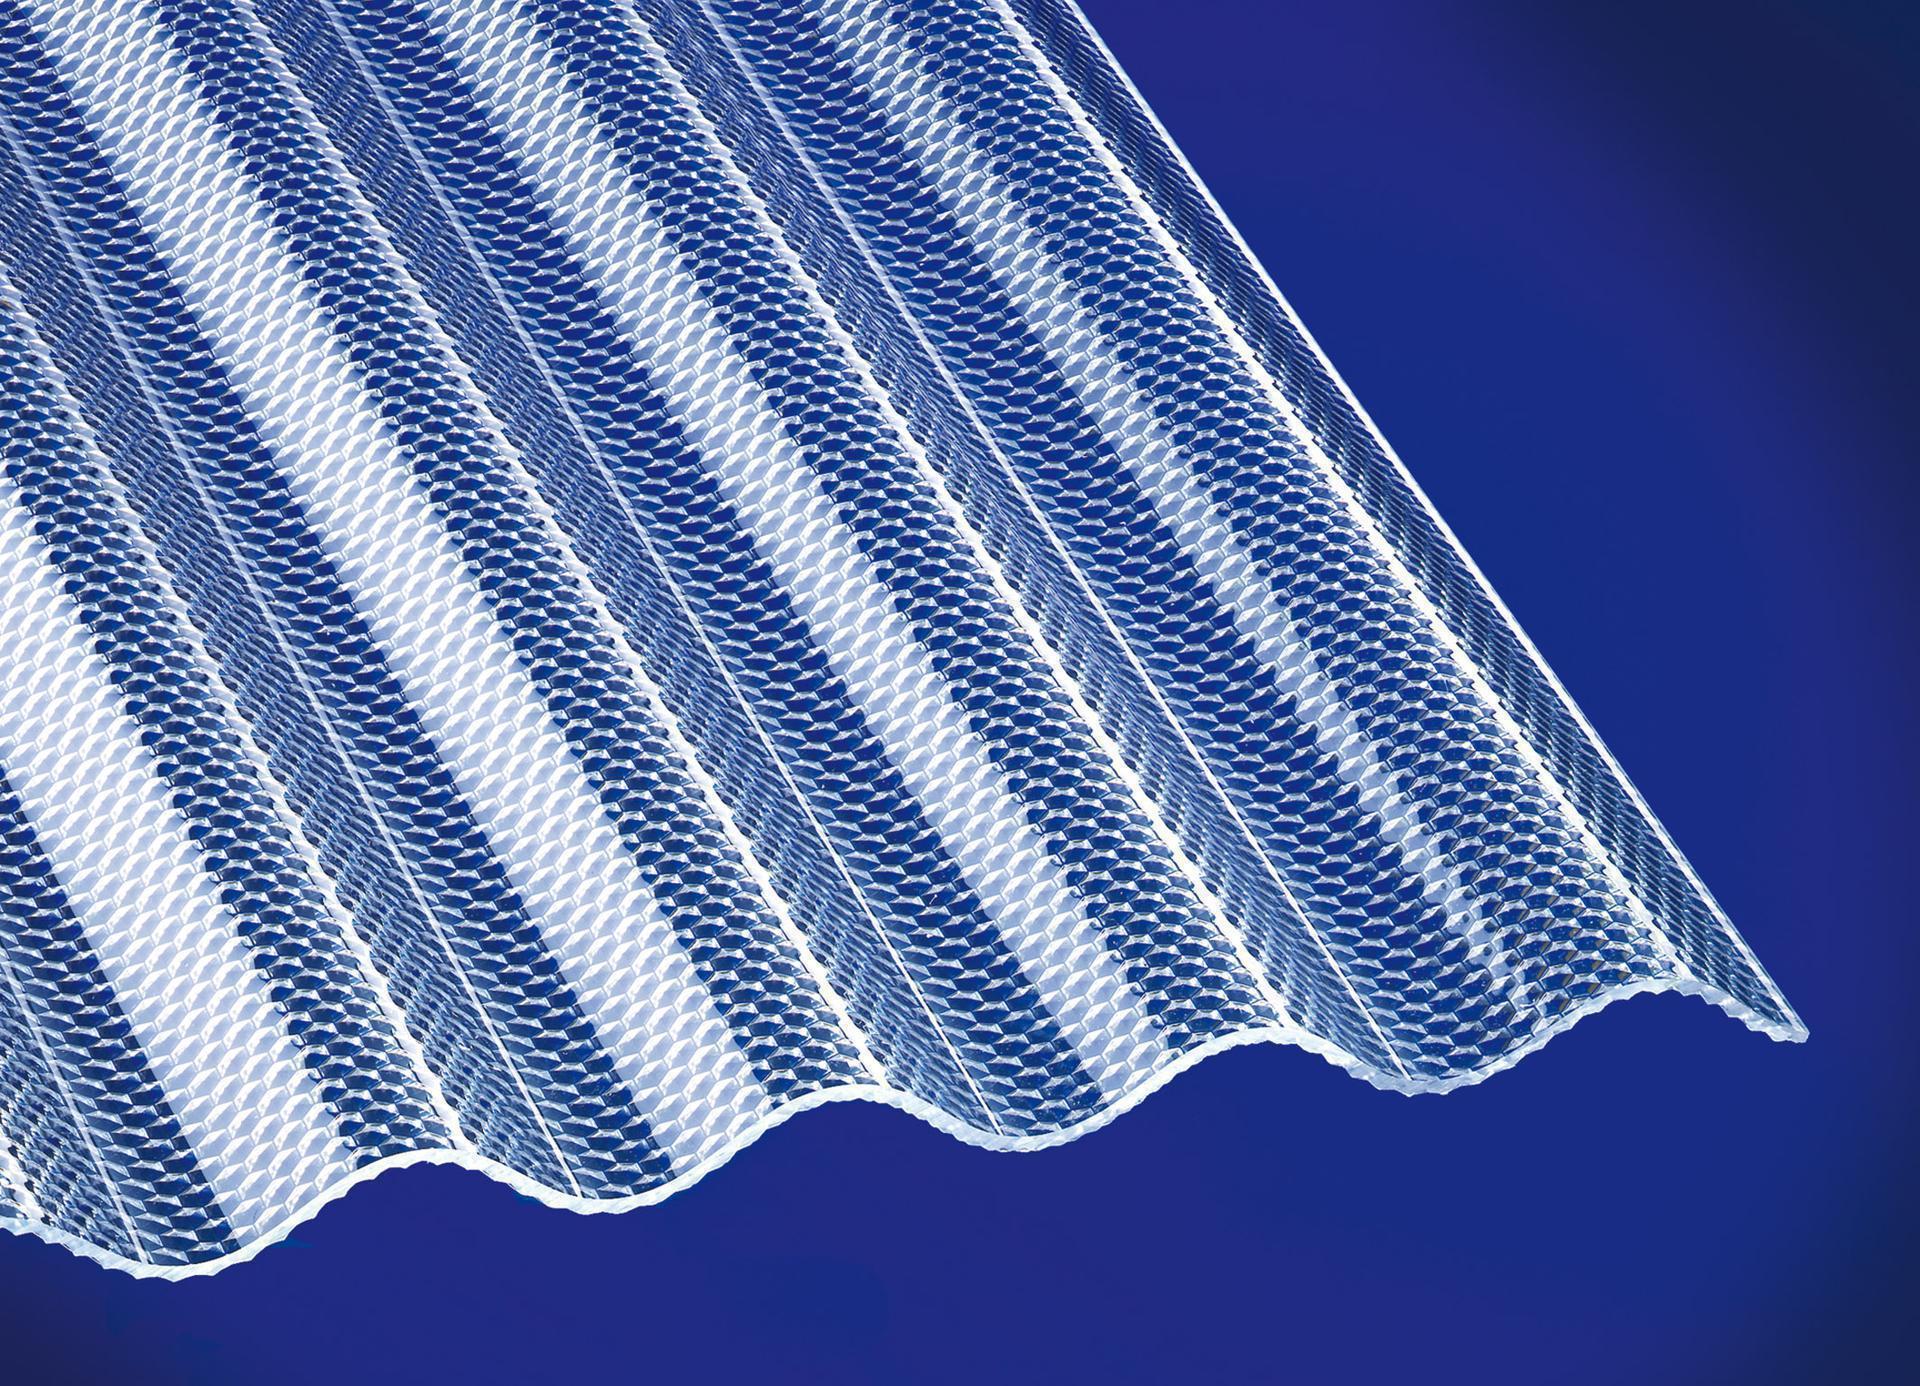 Acryl Wellplatten Sinus 76/18 wabe klar 3 mm